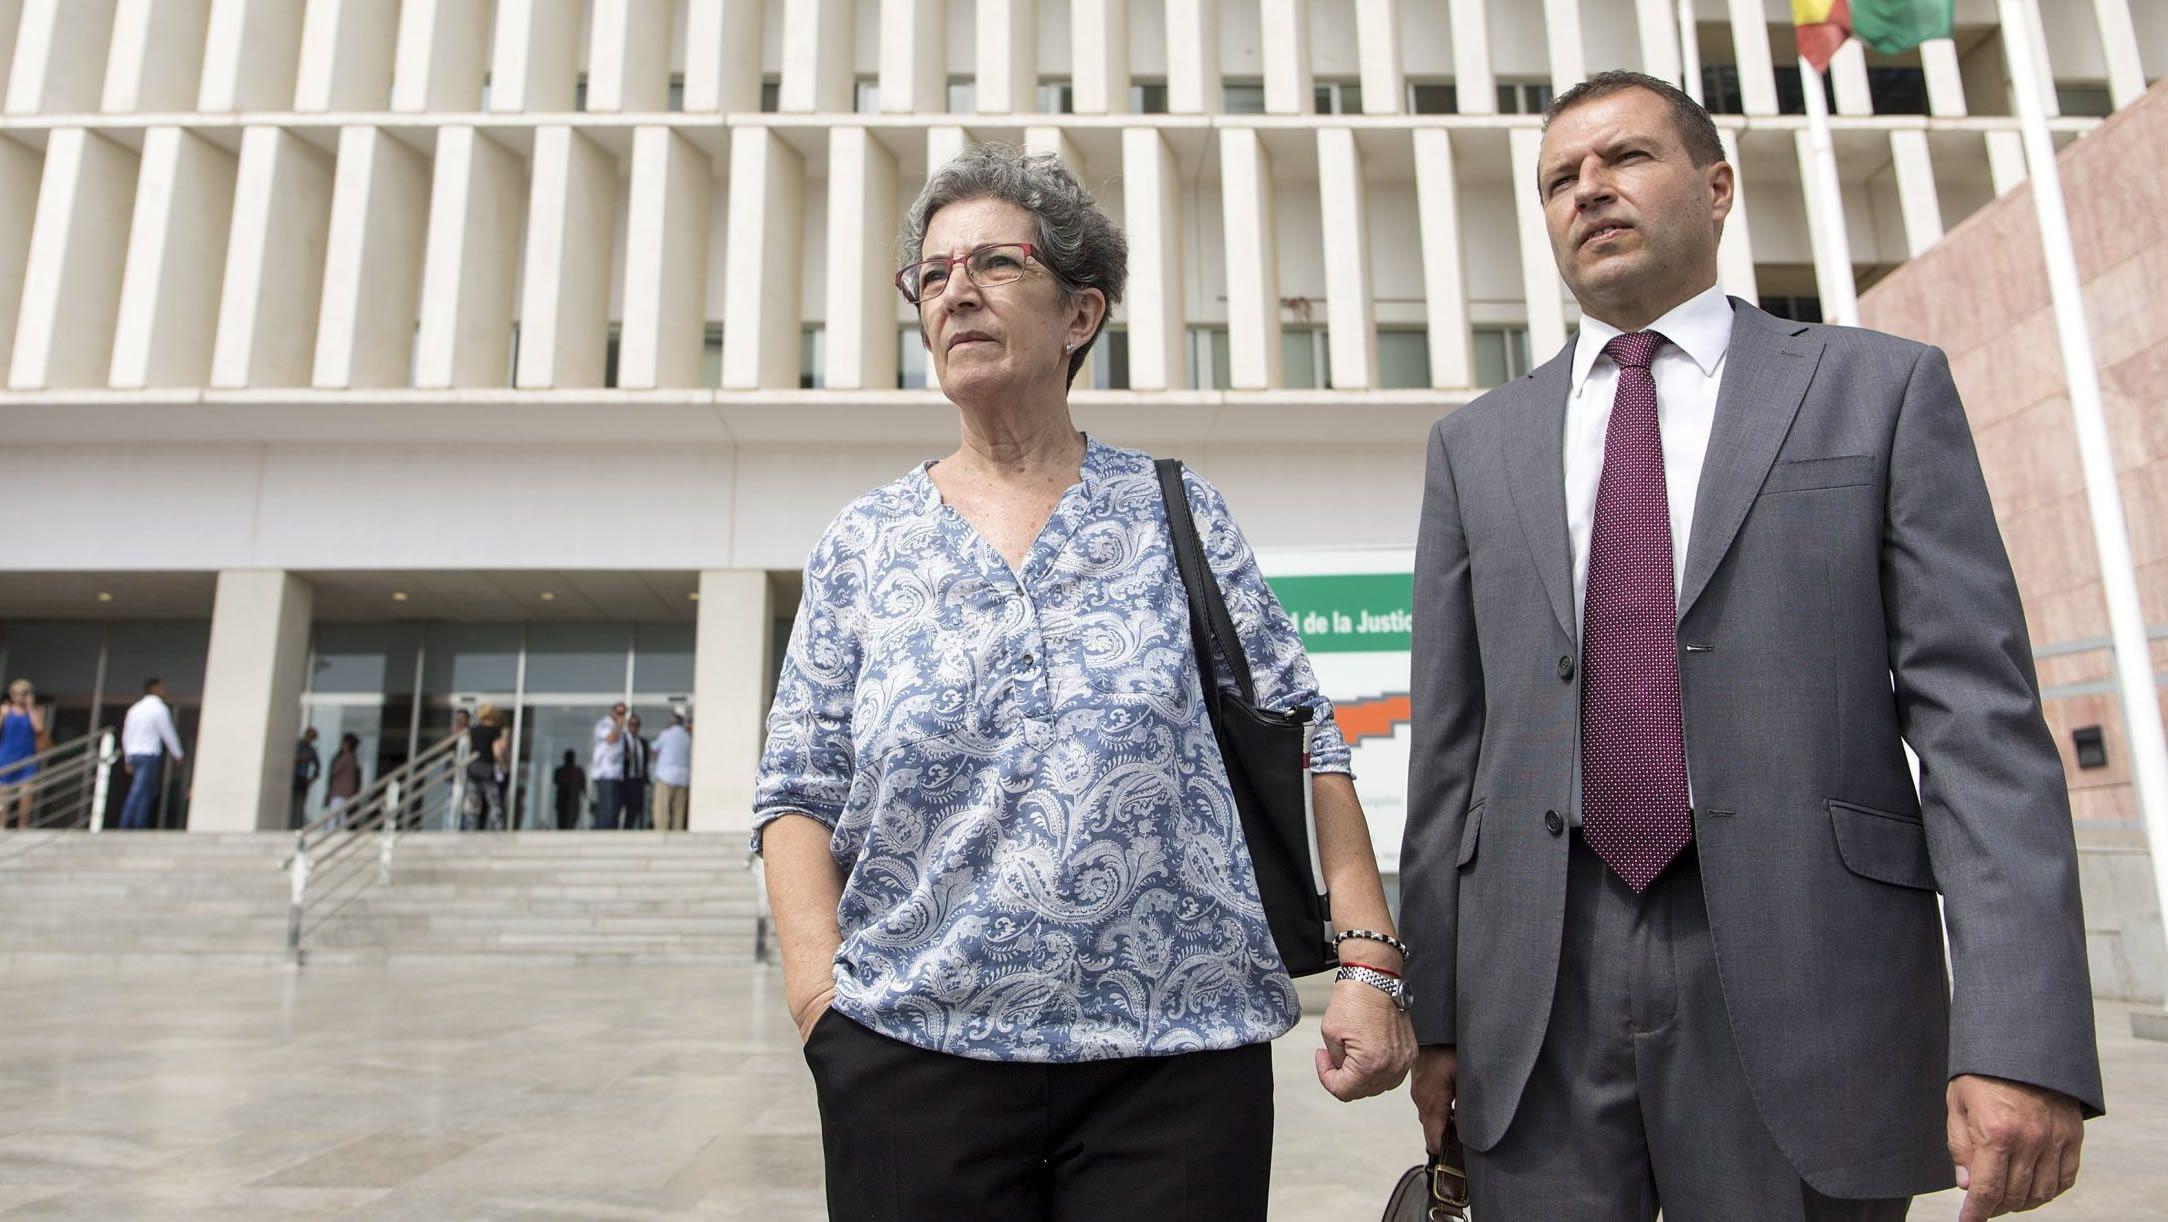 La madre de David Guerrero, Antonia Guevara, el día que la Justicia declaró a su hijo oficialmente muerto